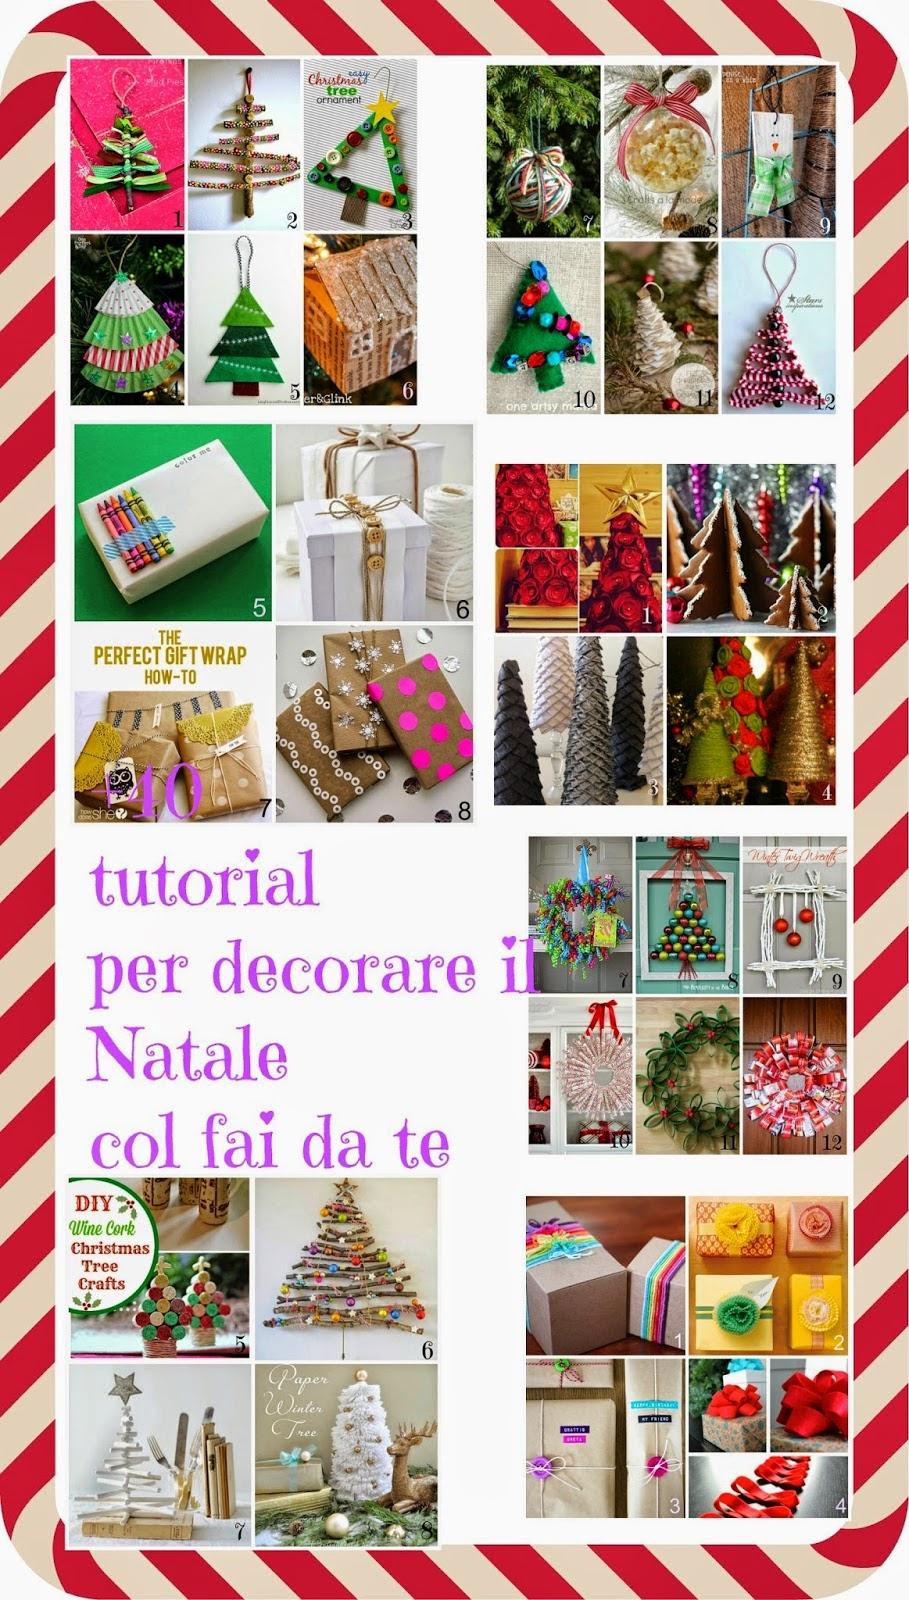 Natale fai da te 40 tutorial per decorare il natale col - Decorare candele per natale ...